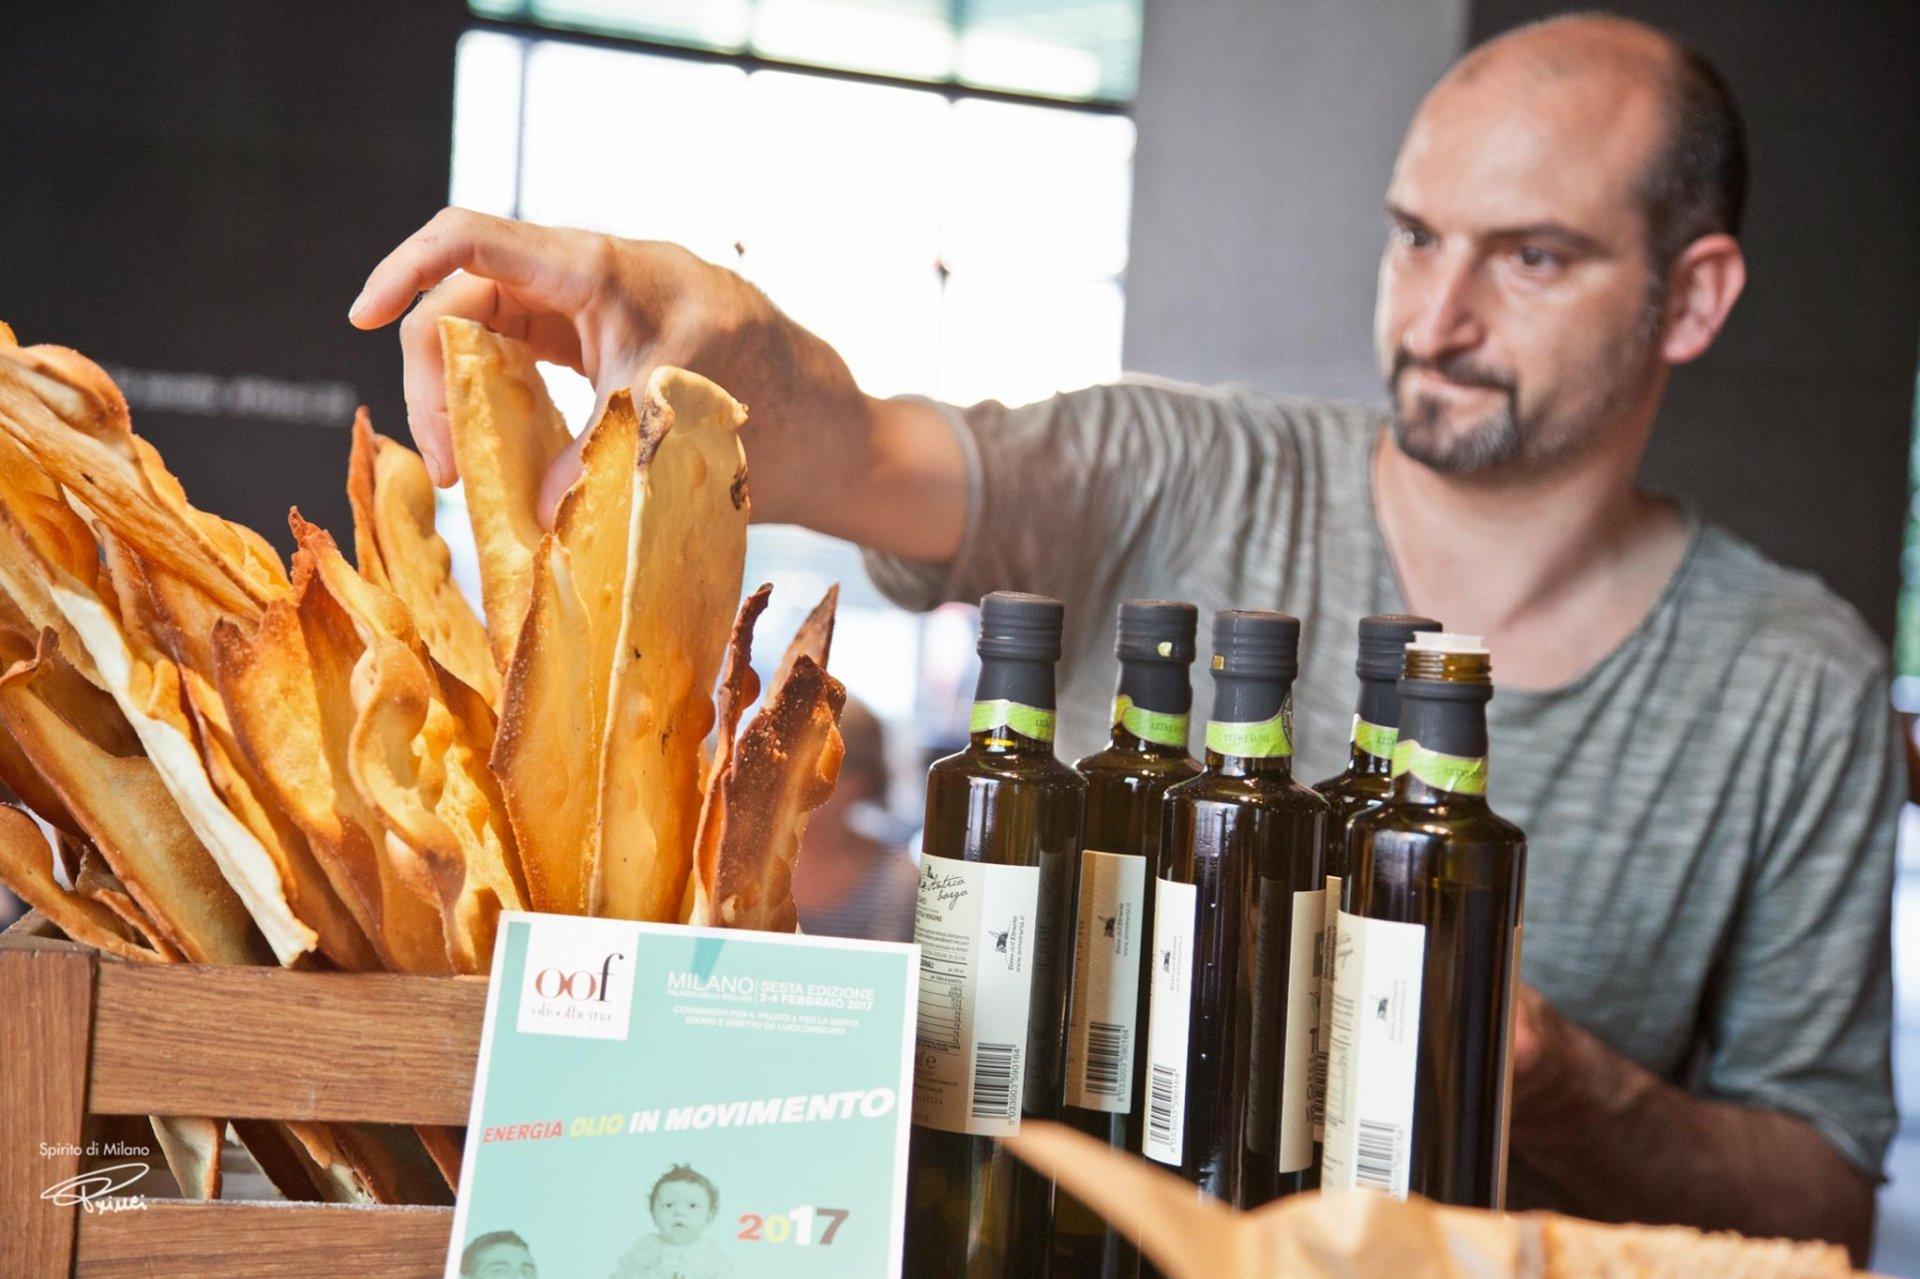 L'olio, il pane. A Milano